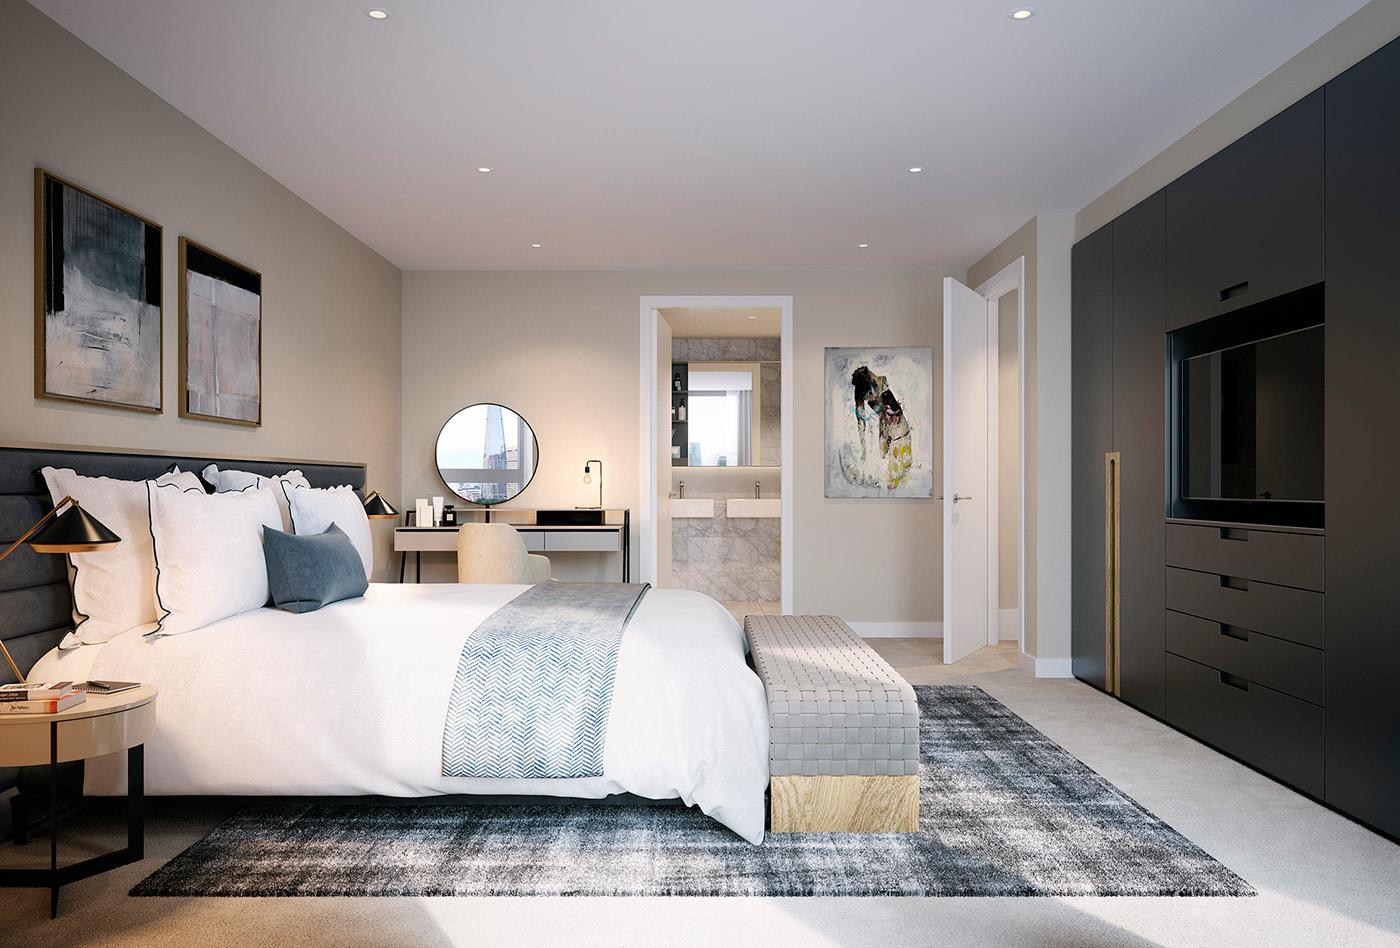 次卧室以黑色与云白为主色调,纯净而清新,造型简约的床与清爽的床品十分和谐。